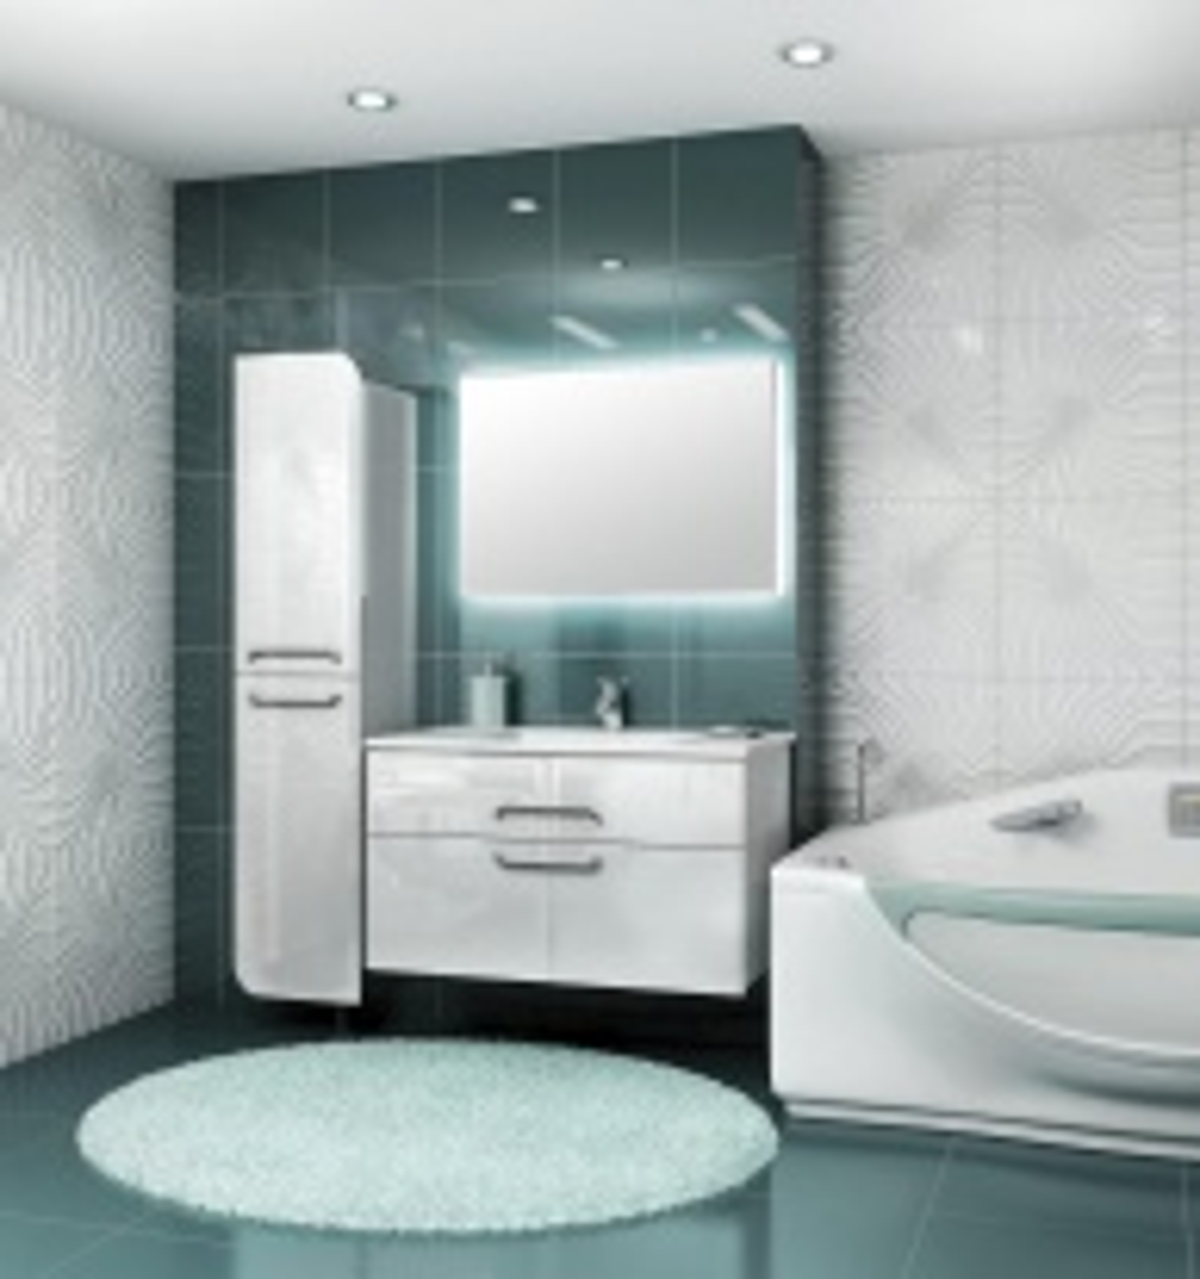 Комплект мебели для ванной Edelform Next 100, арт. Next/Некст 100